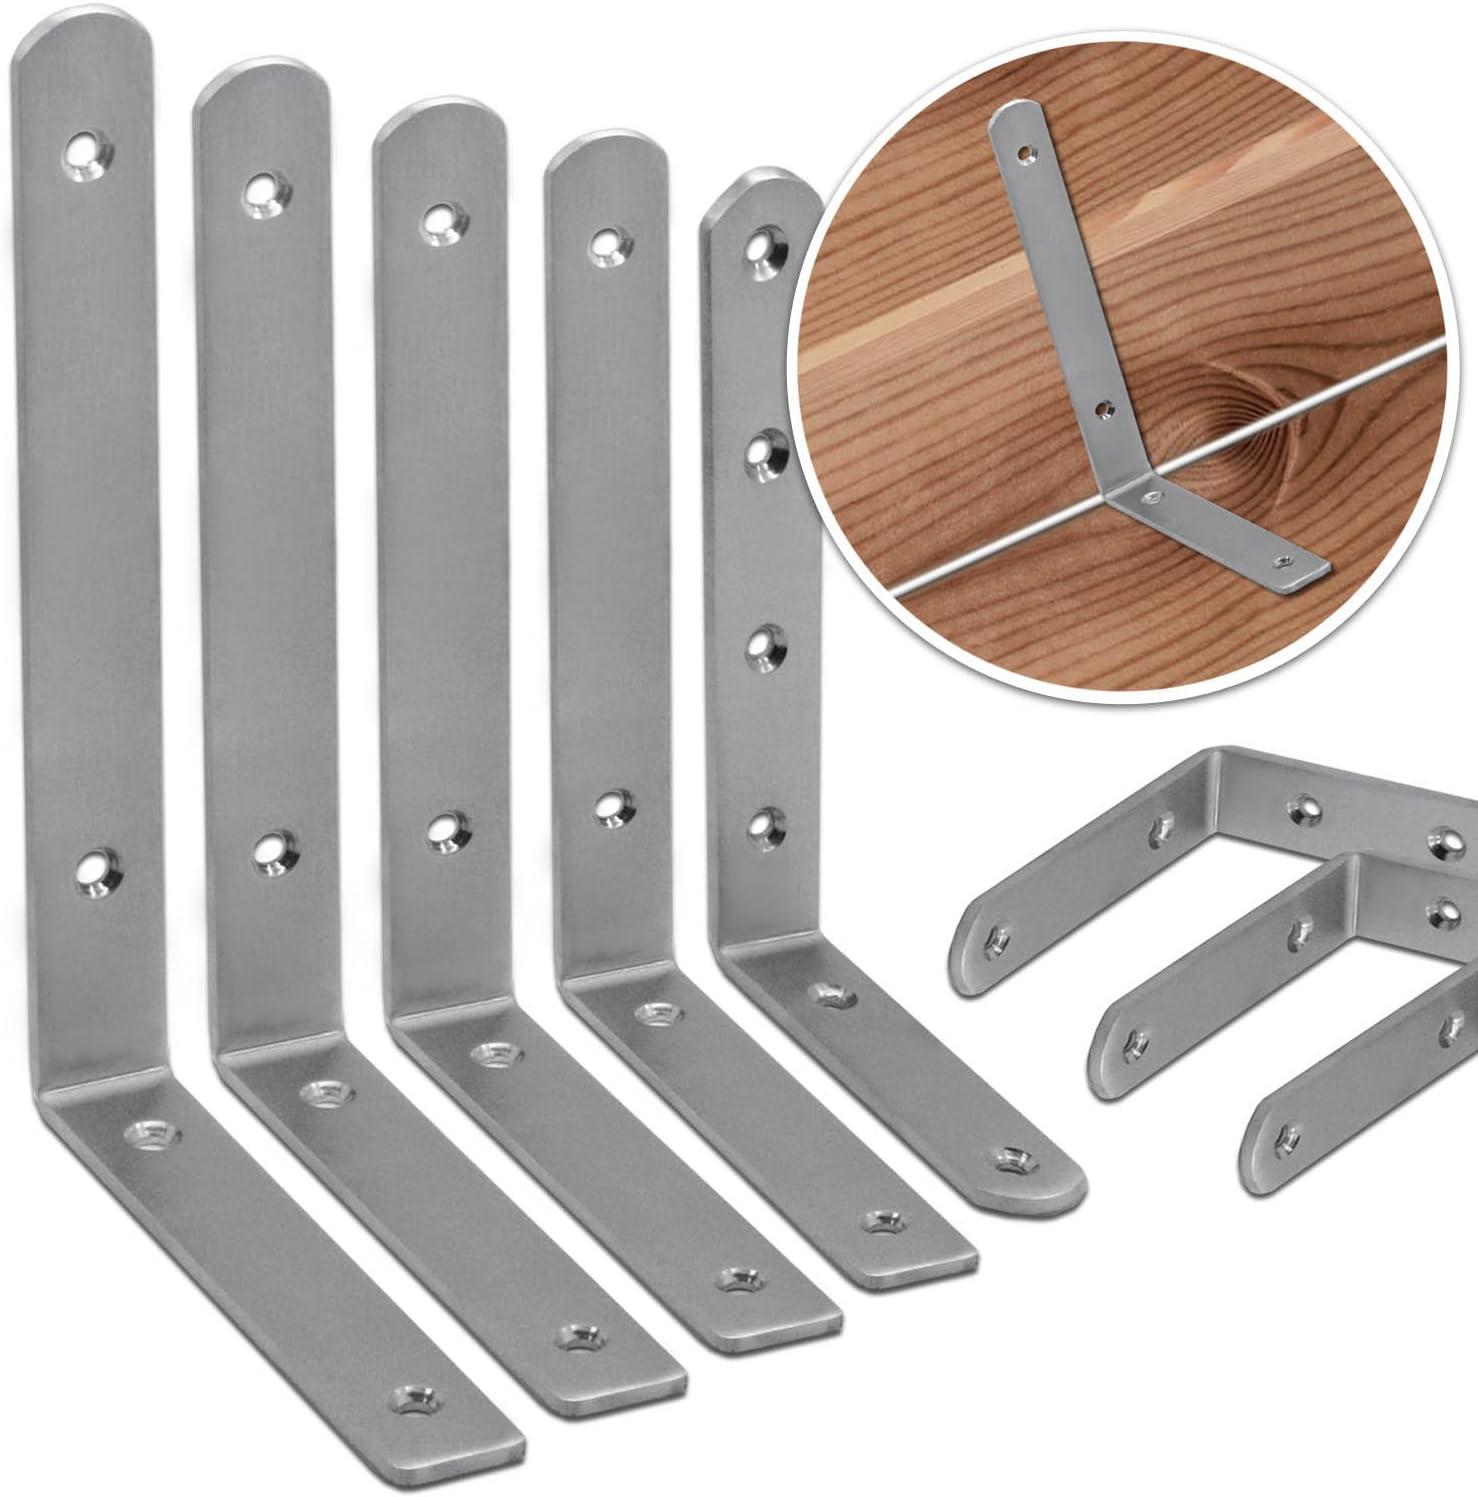 Variante:10 St/ück Eck-Winkel-Verbinder Edelstahl Lochplatte Regaltr/äger Halter Holz-Verbindung Balken-Winkel Scharniere Set Stabil Massiv 150mm x 100mm